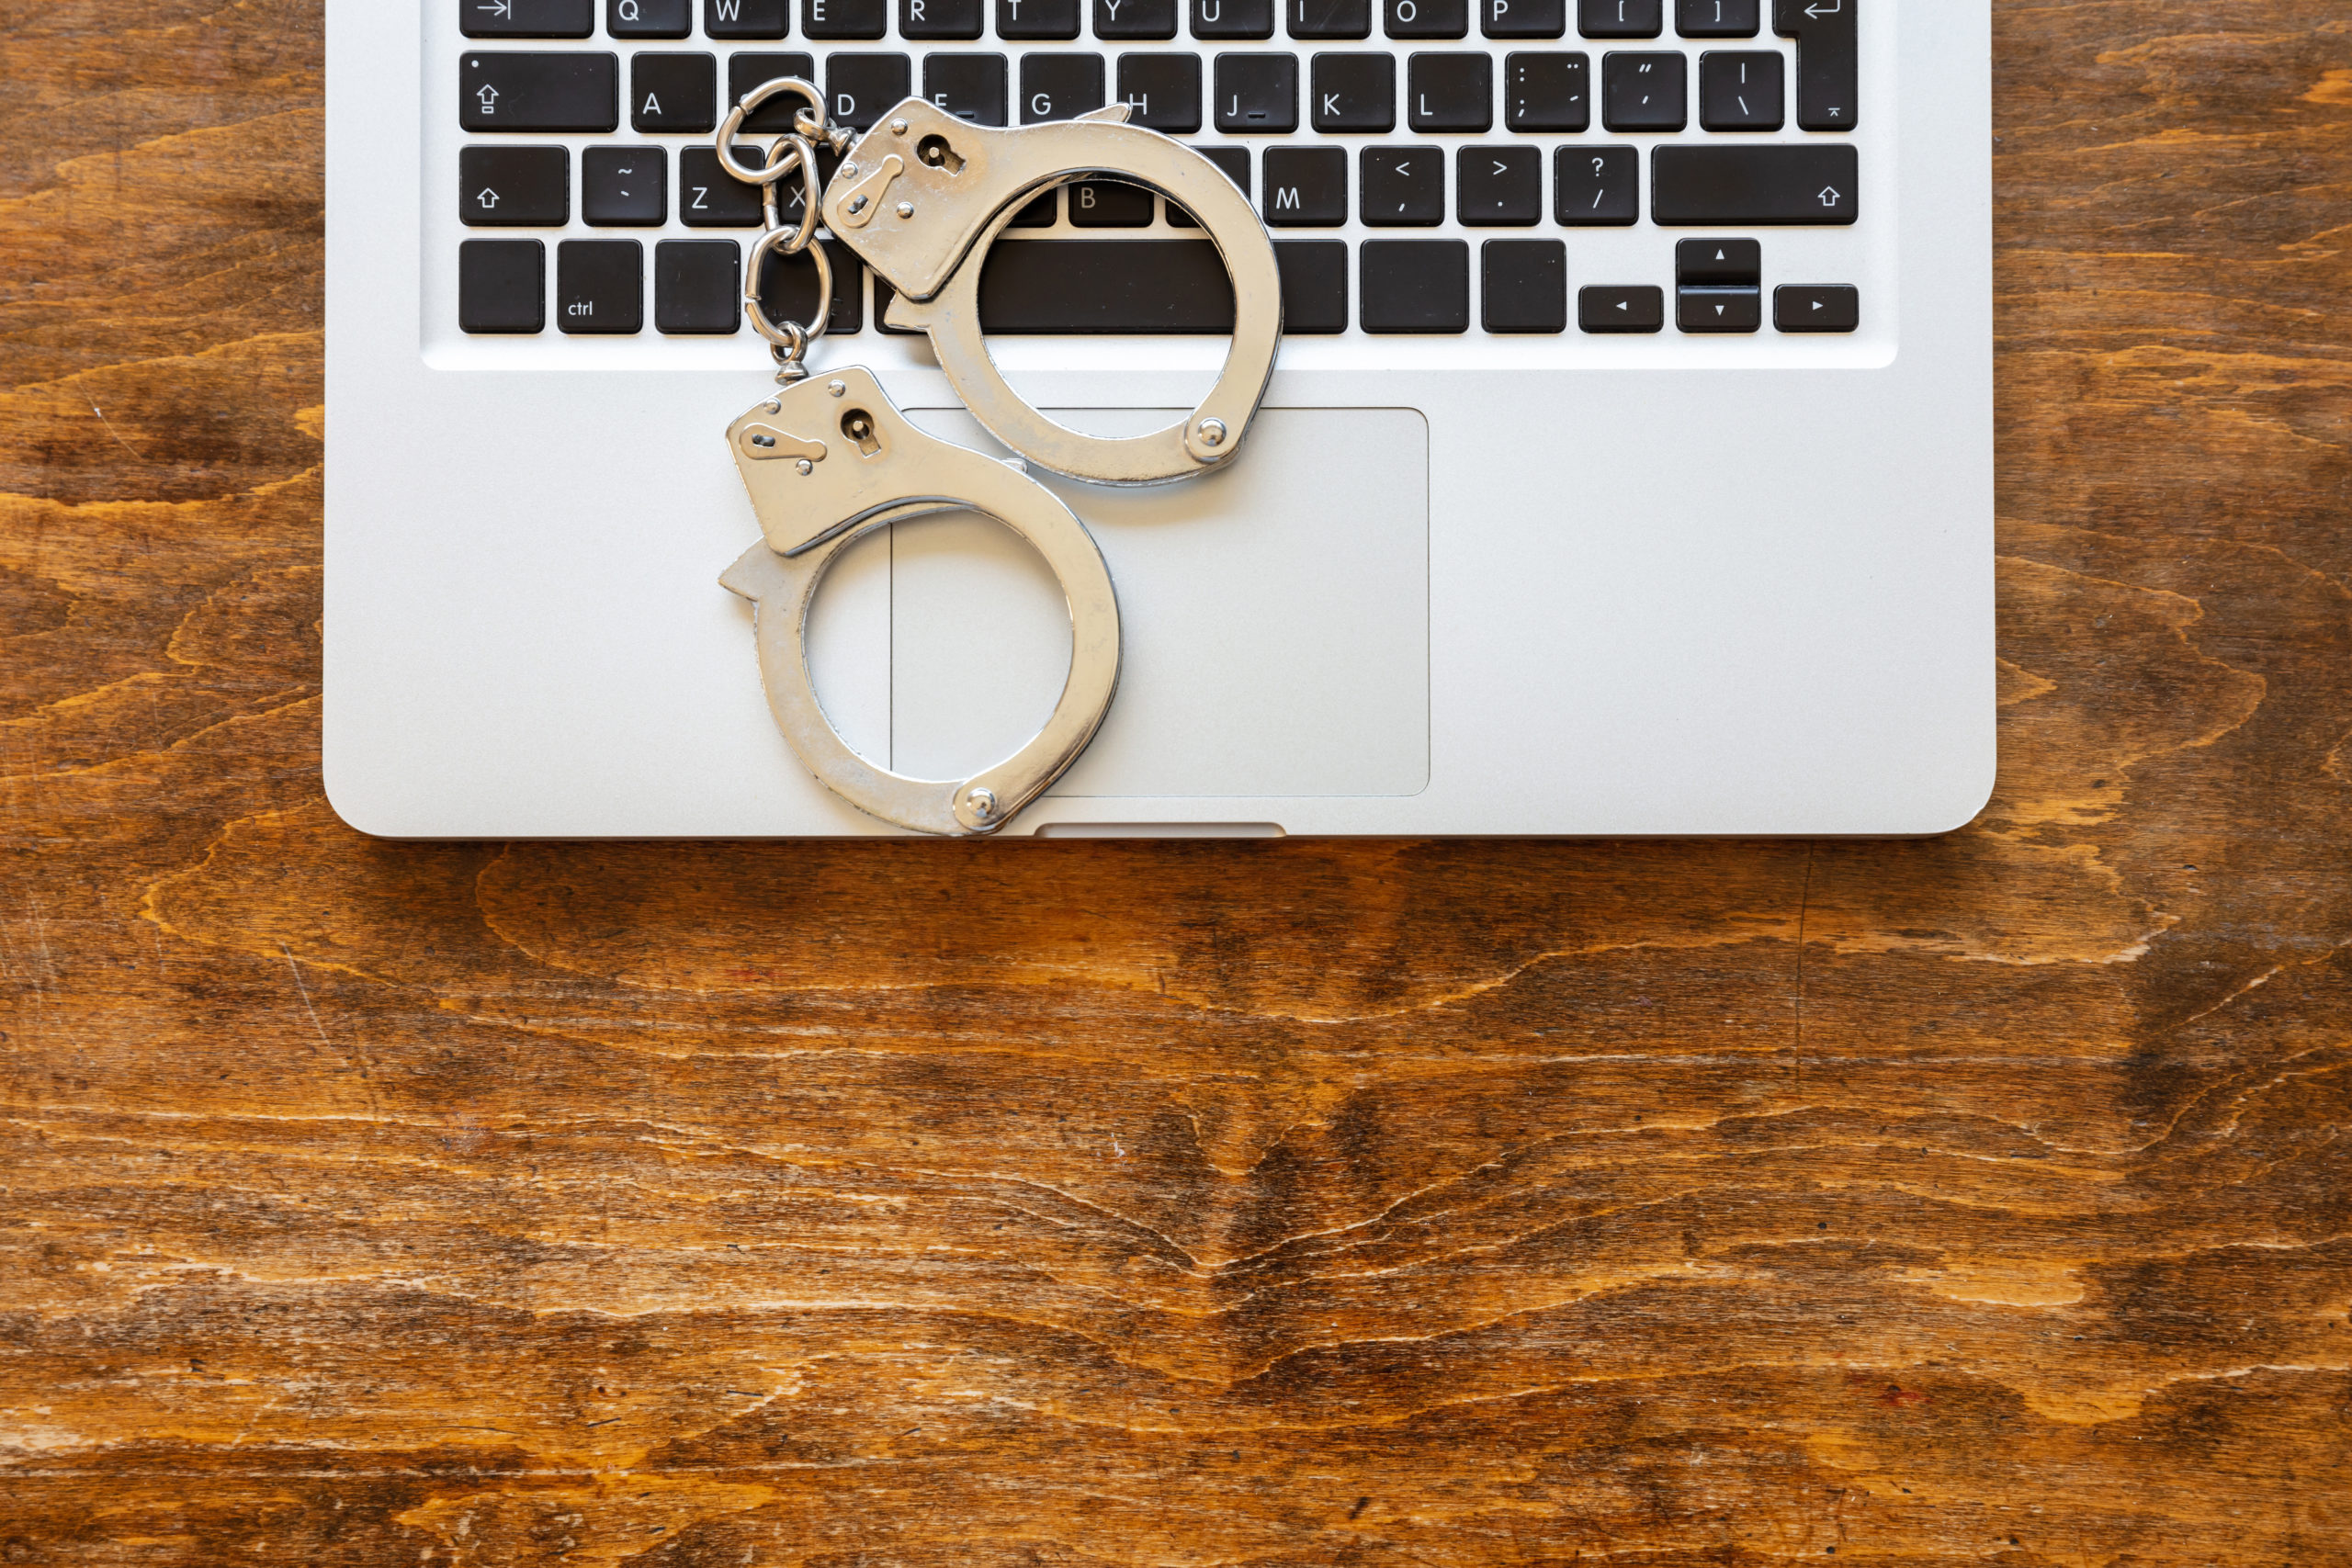 Orleando geht gegen Hacker vor. Sicherheit im Netz. orleando.de